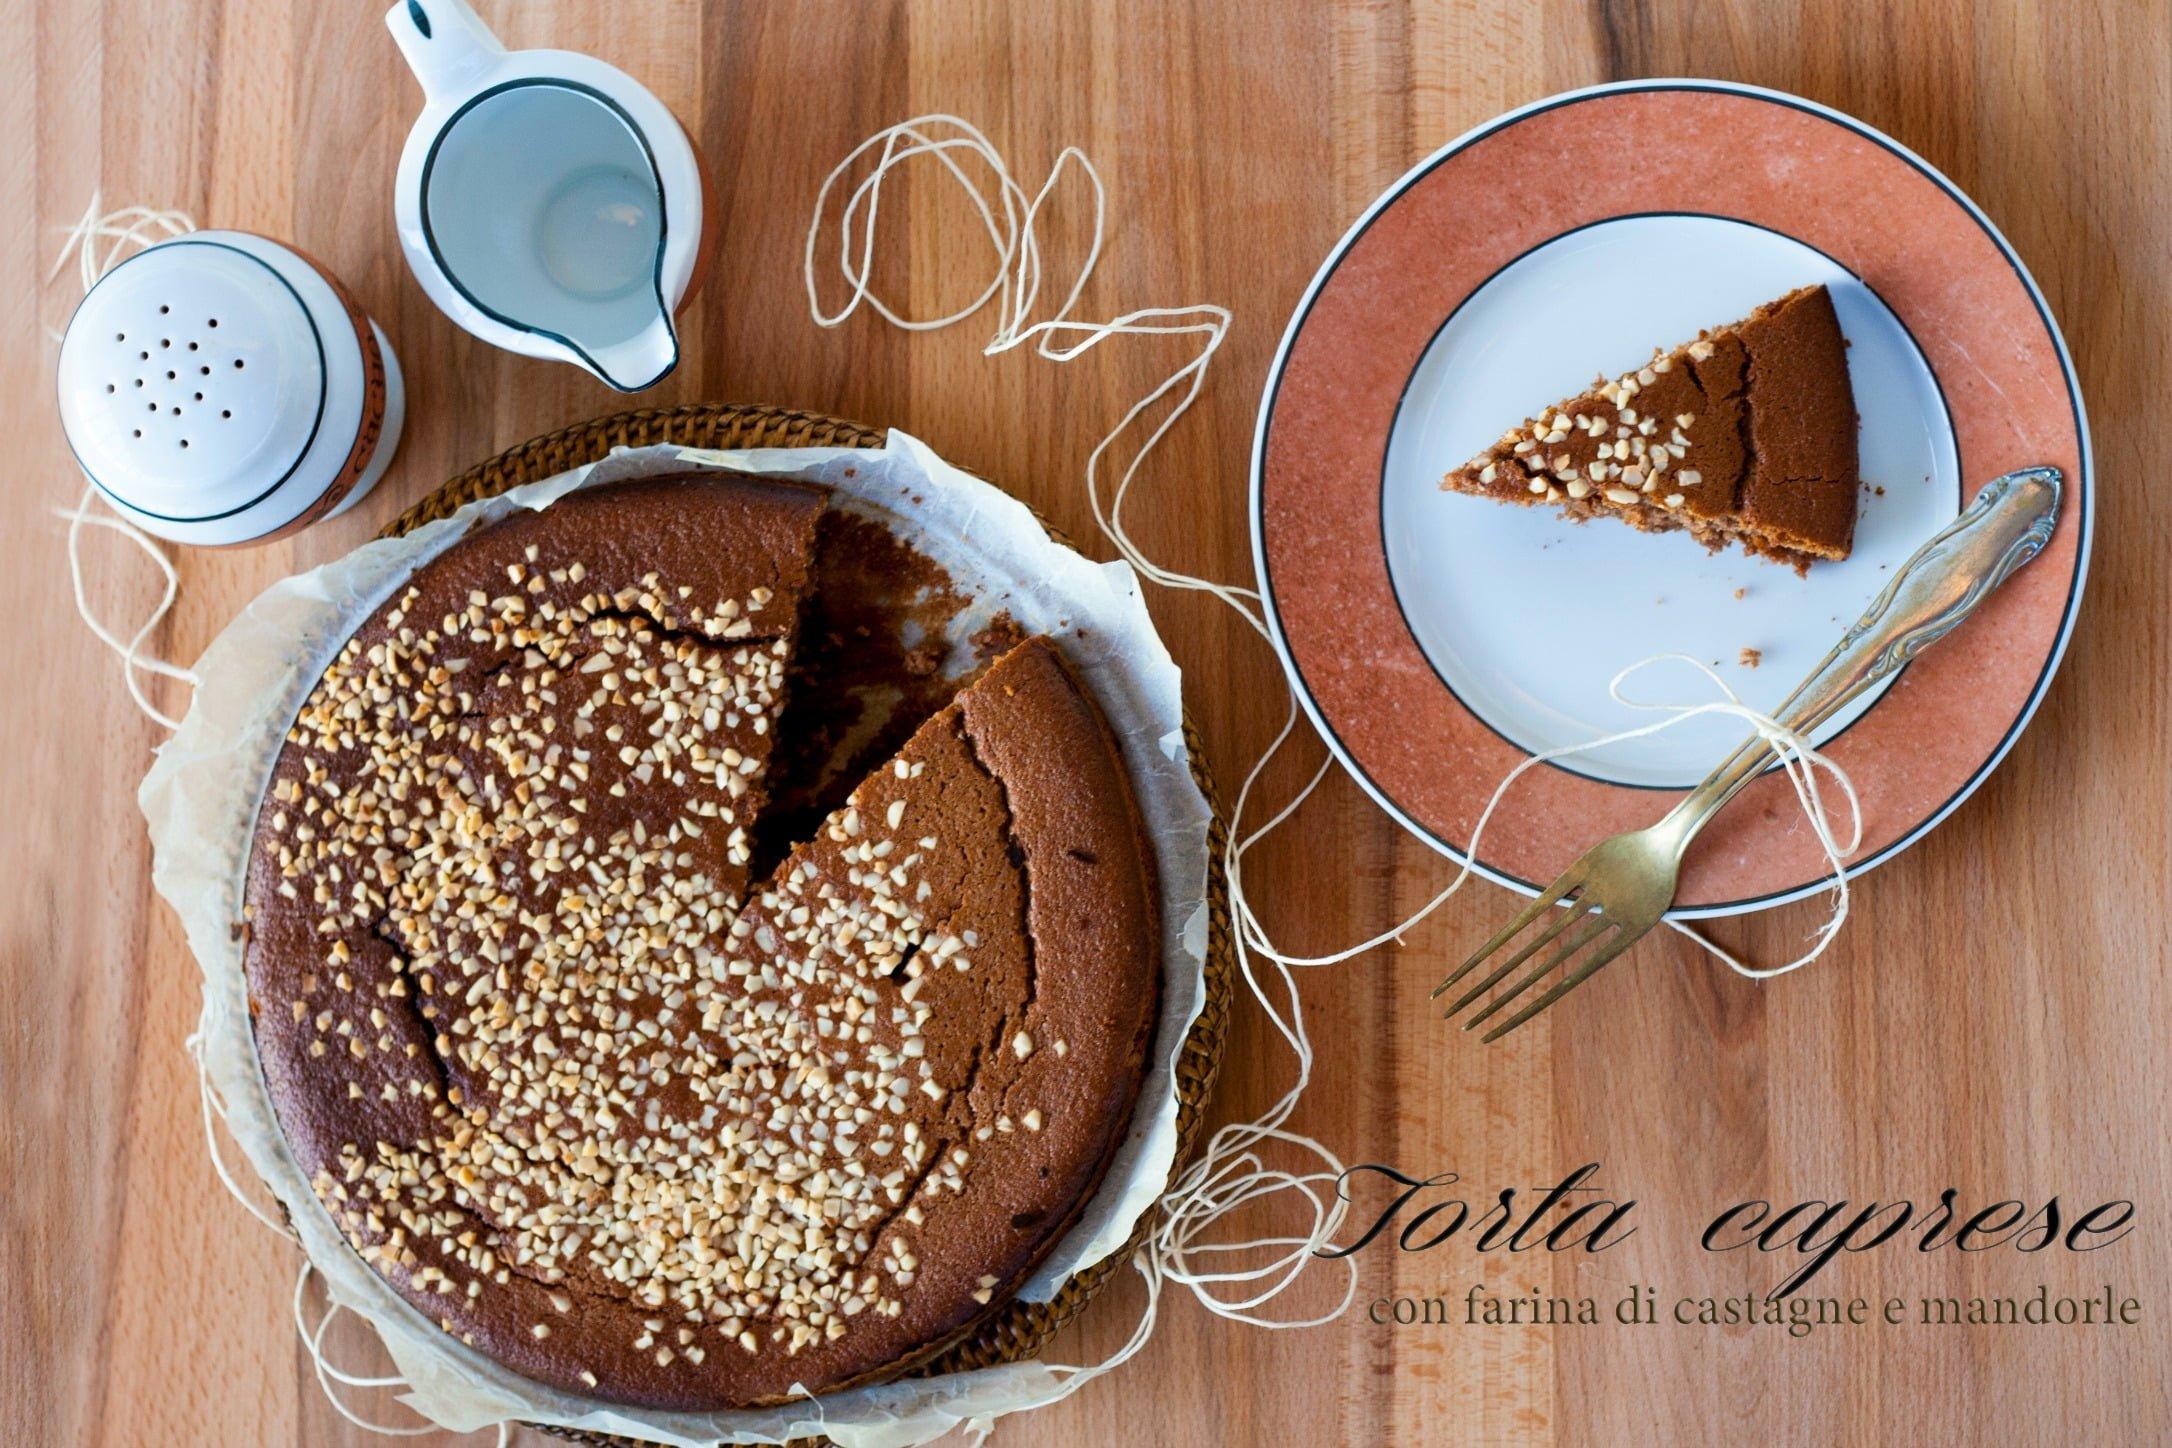 Torta con farina di castagne e mandorle